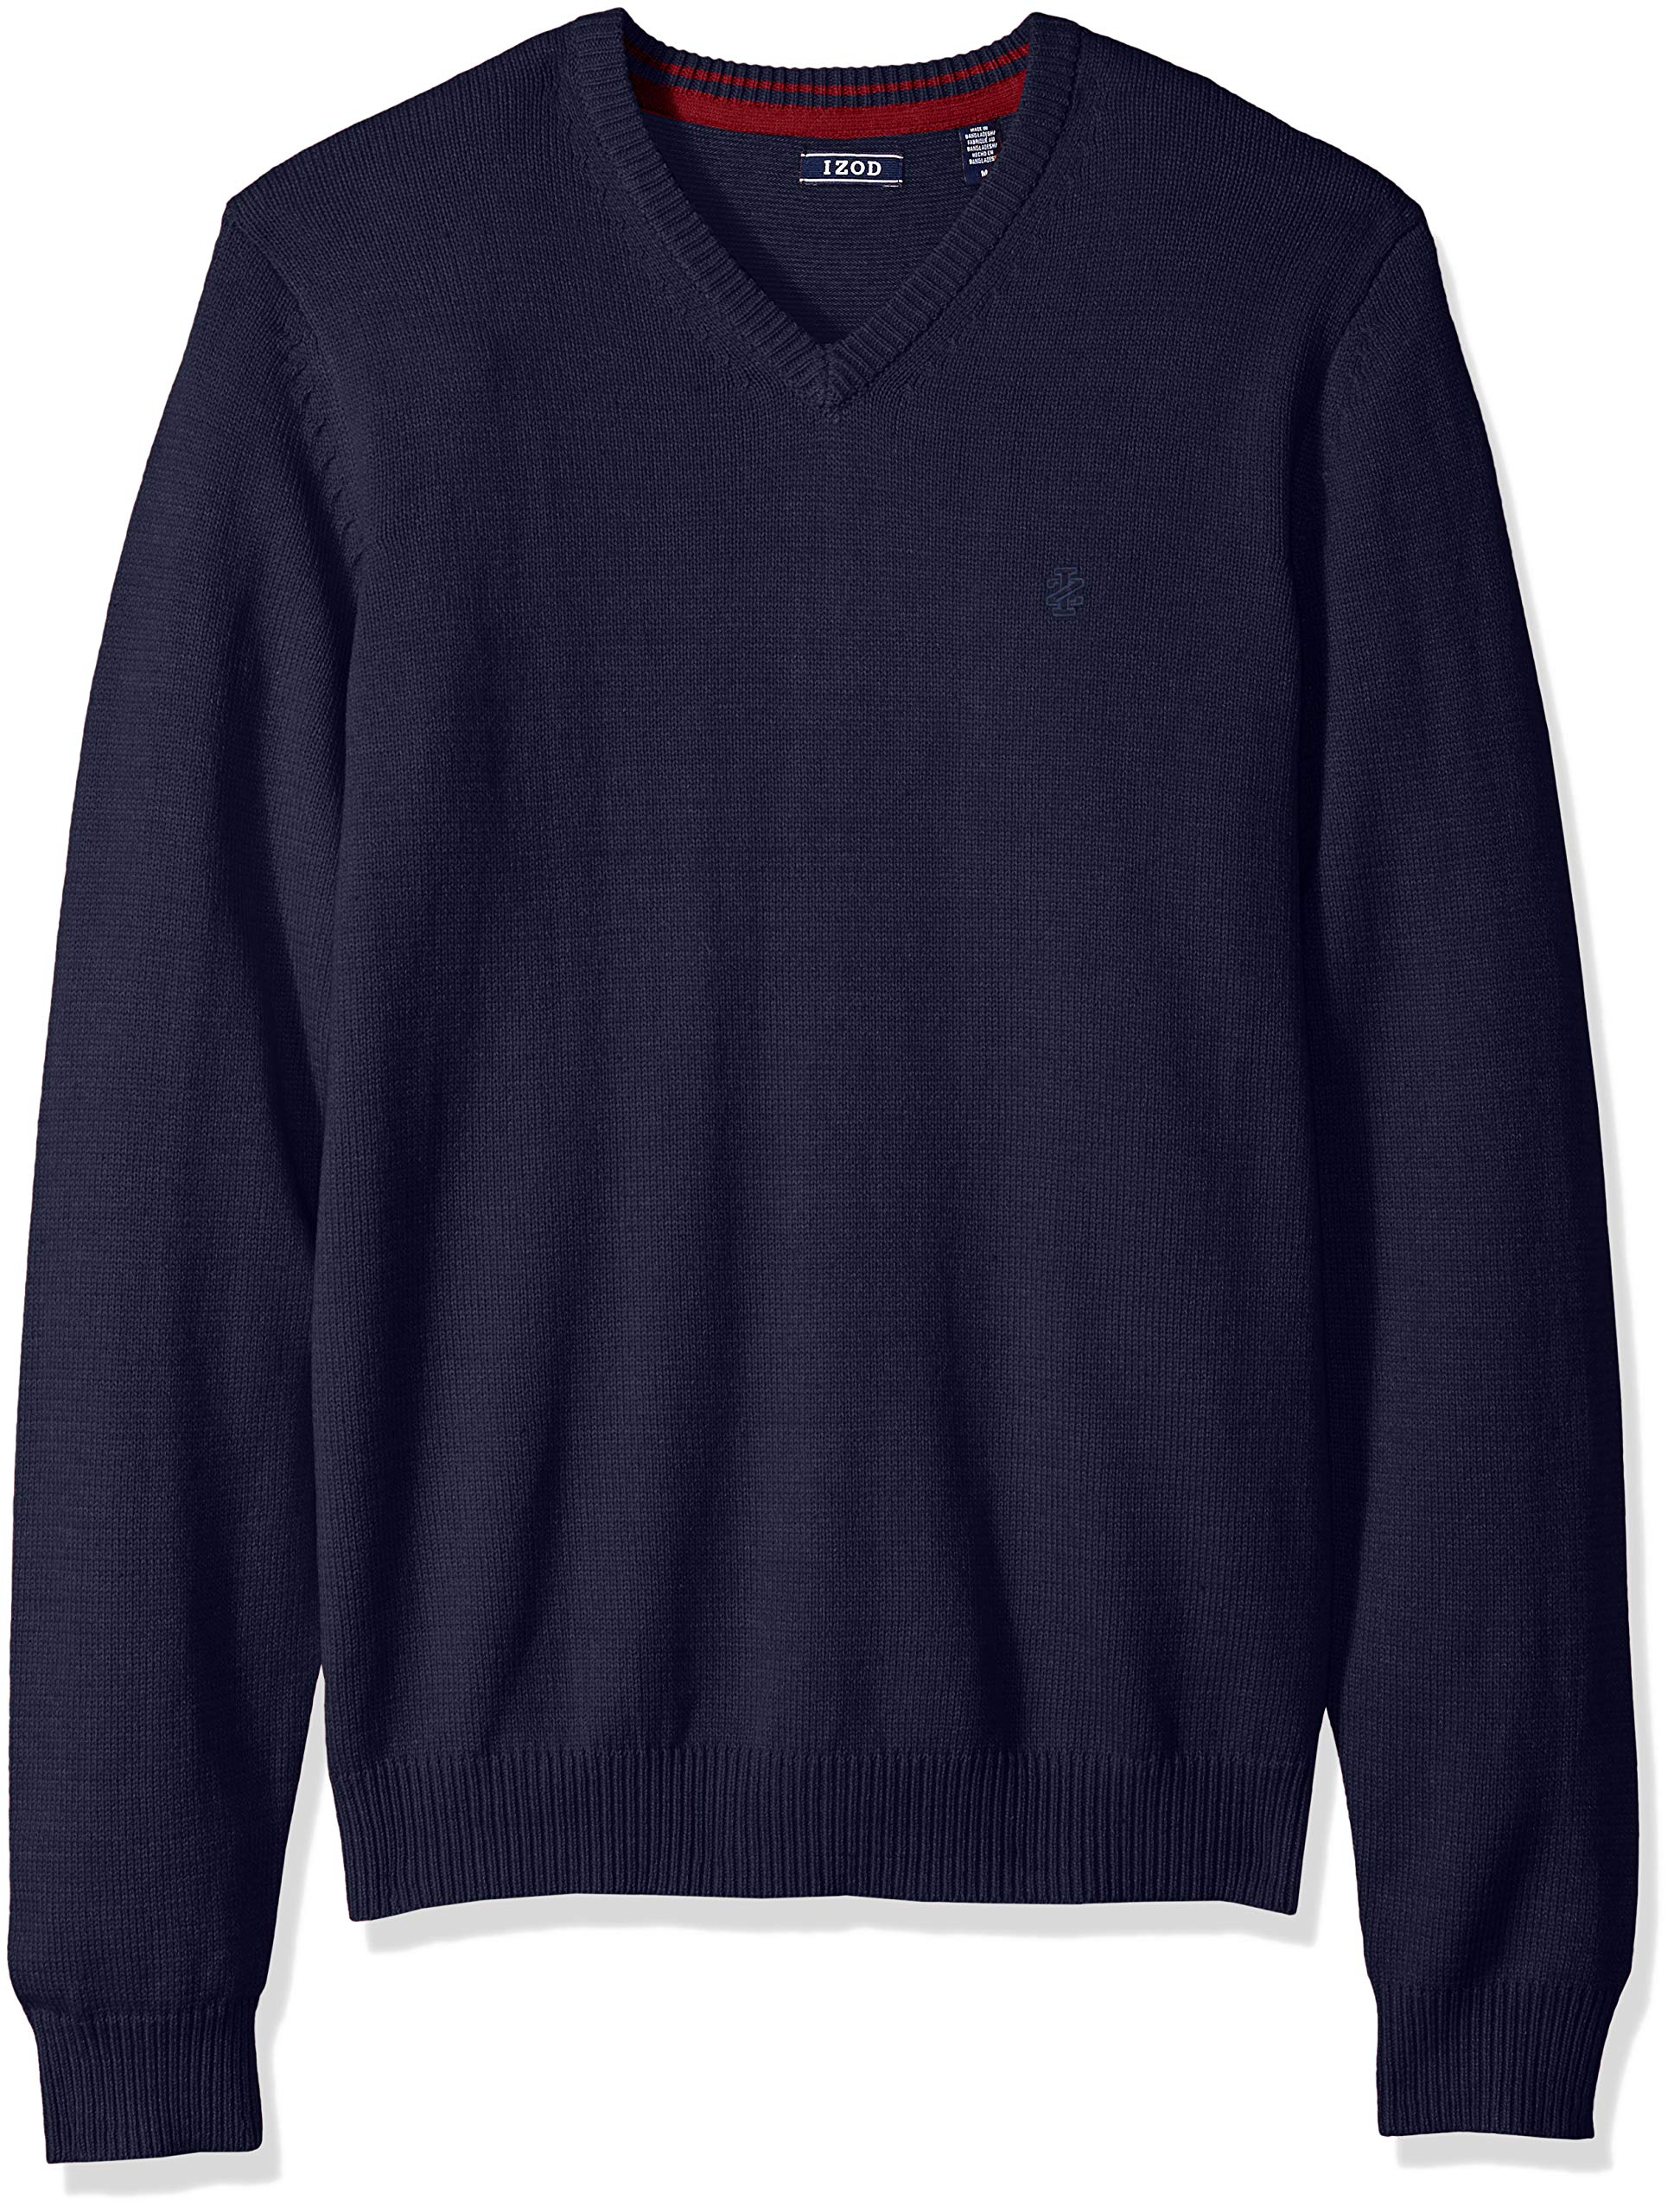 IZOD Men's Fine Gauge Solid V-Neck Sweater, New Peacoat, X-Large